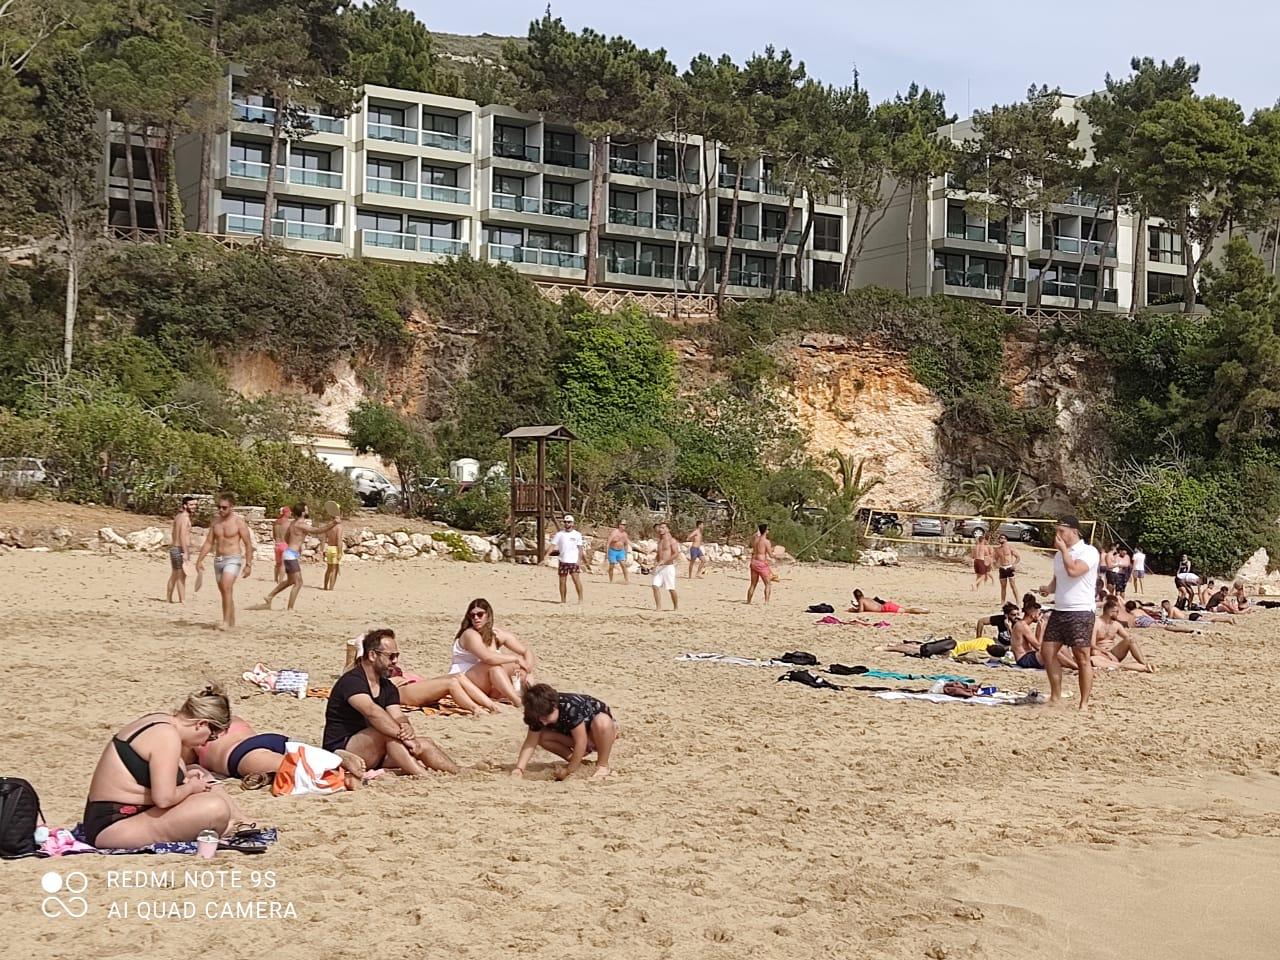 Άφησαν τις σούβλες και ξεχύθηκαν στις παραλίες –Το αδιαχώρητο στον Πλατύ Γιαλό